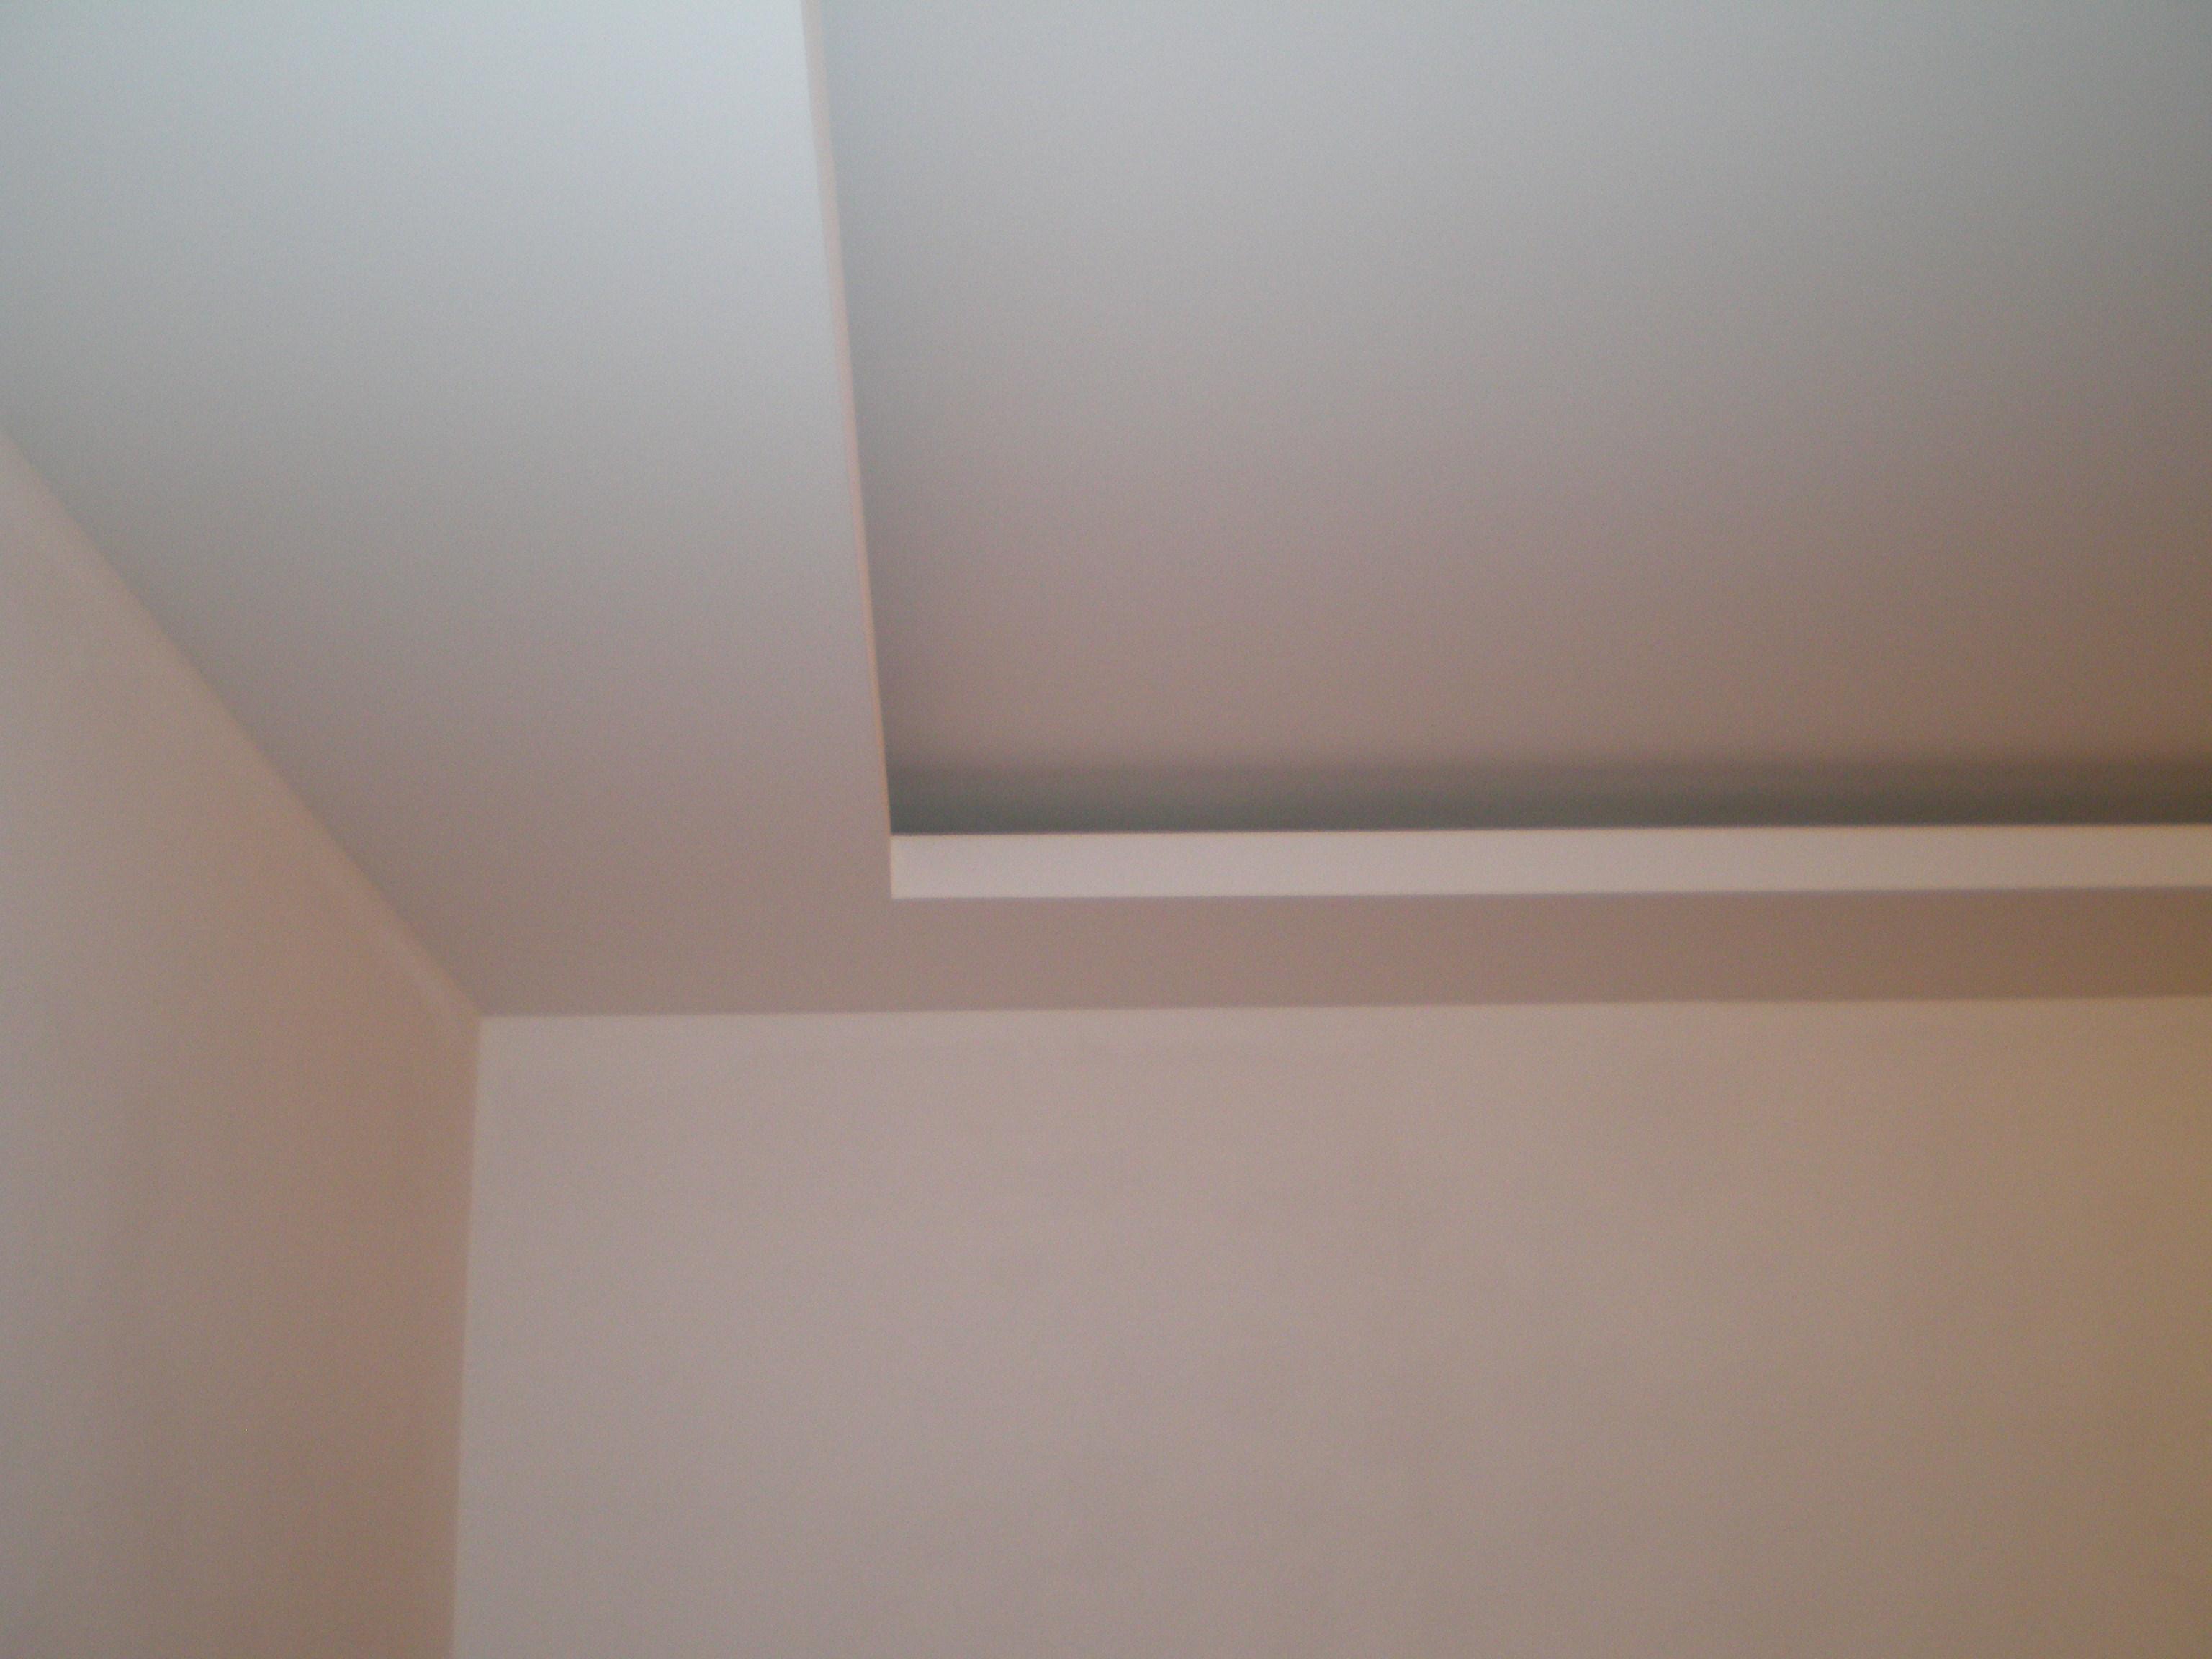 Что купить для покраски потолка элиминатор гидроизоляция